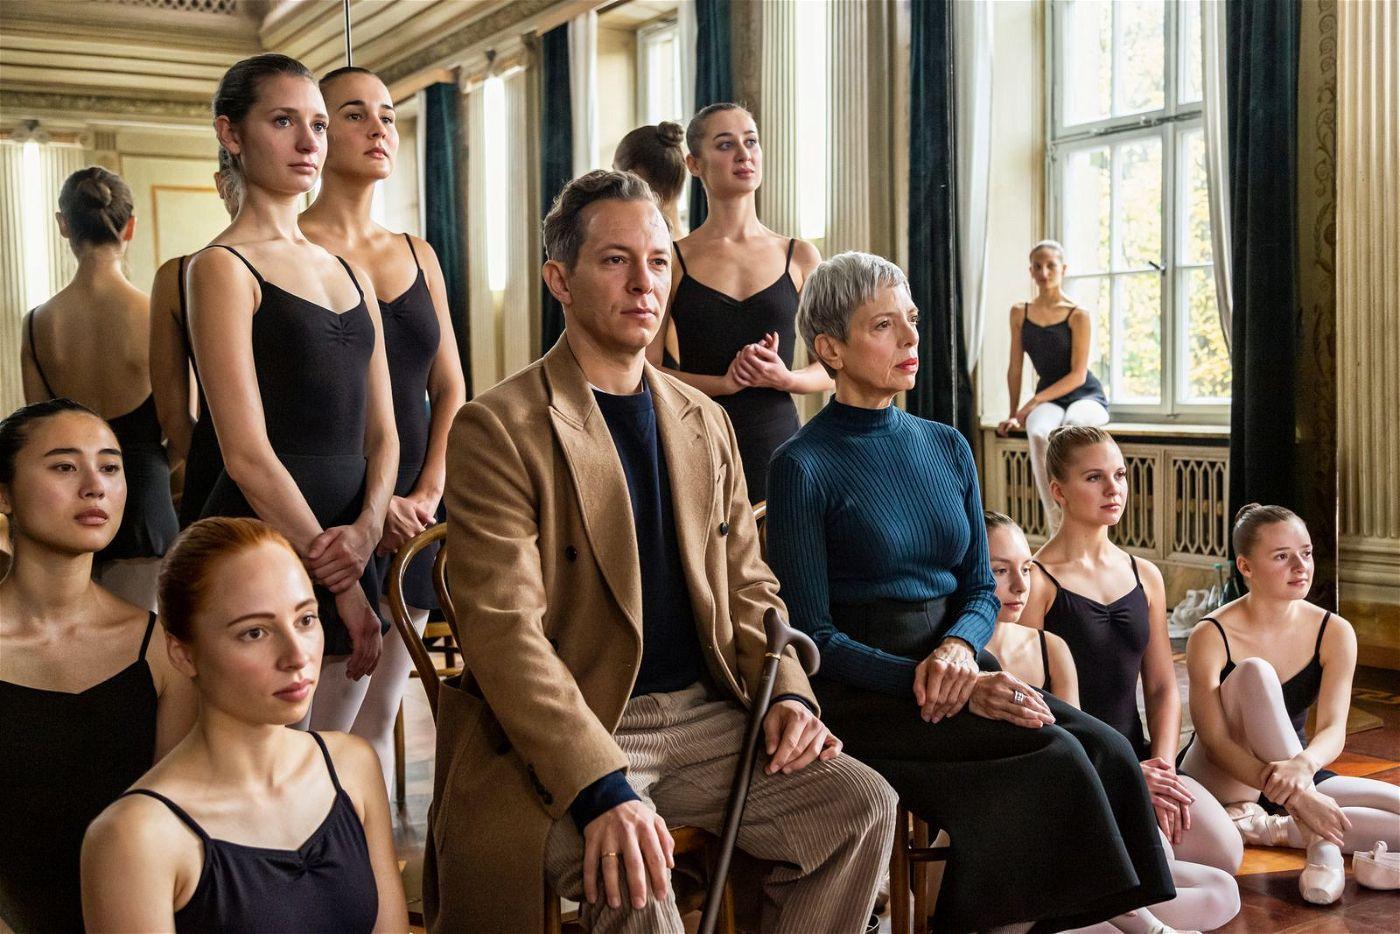 Katyas Vater Victor (Trystan Pütter) erwartet von seiner Tochter, in seine Fußstapfen als Tänzer zu treten. Die strenge Lehrerin Frau Rosebloom (Helen Schneider) soll dafür sorgen.